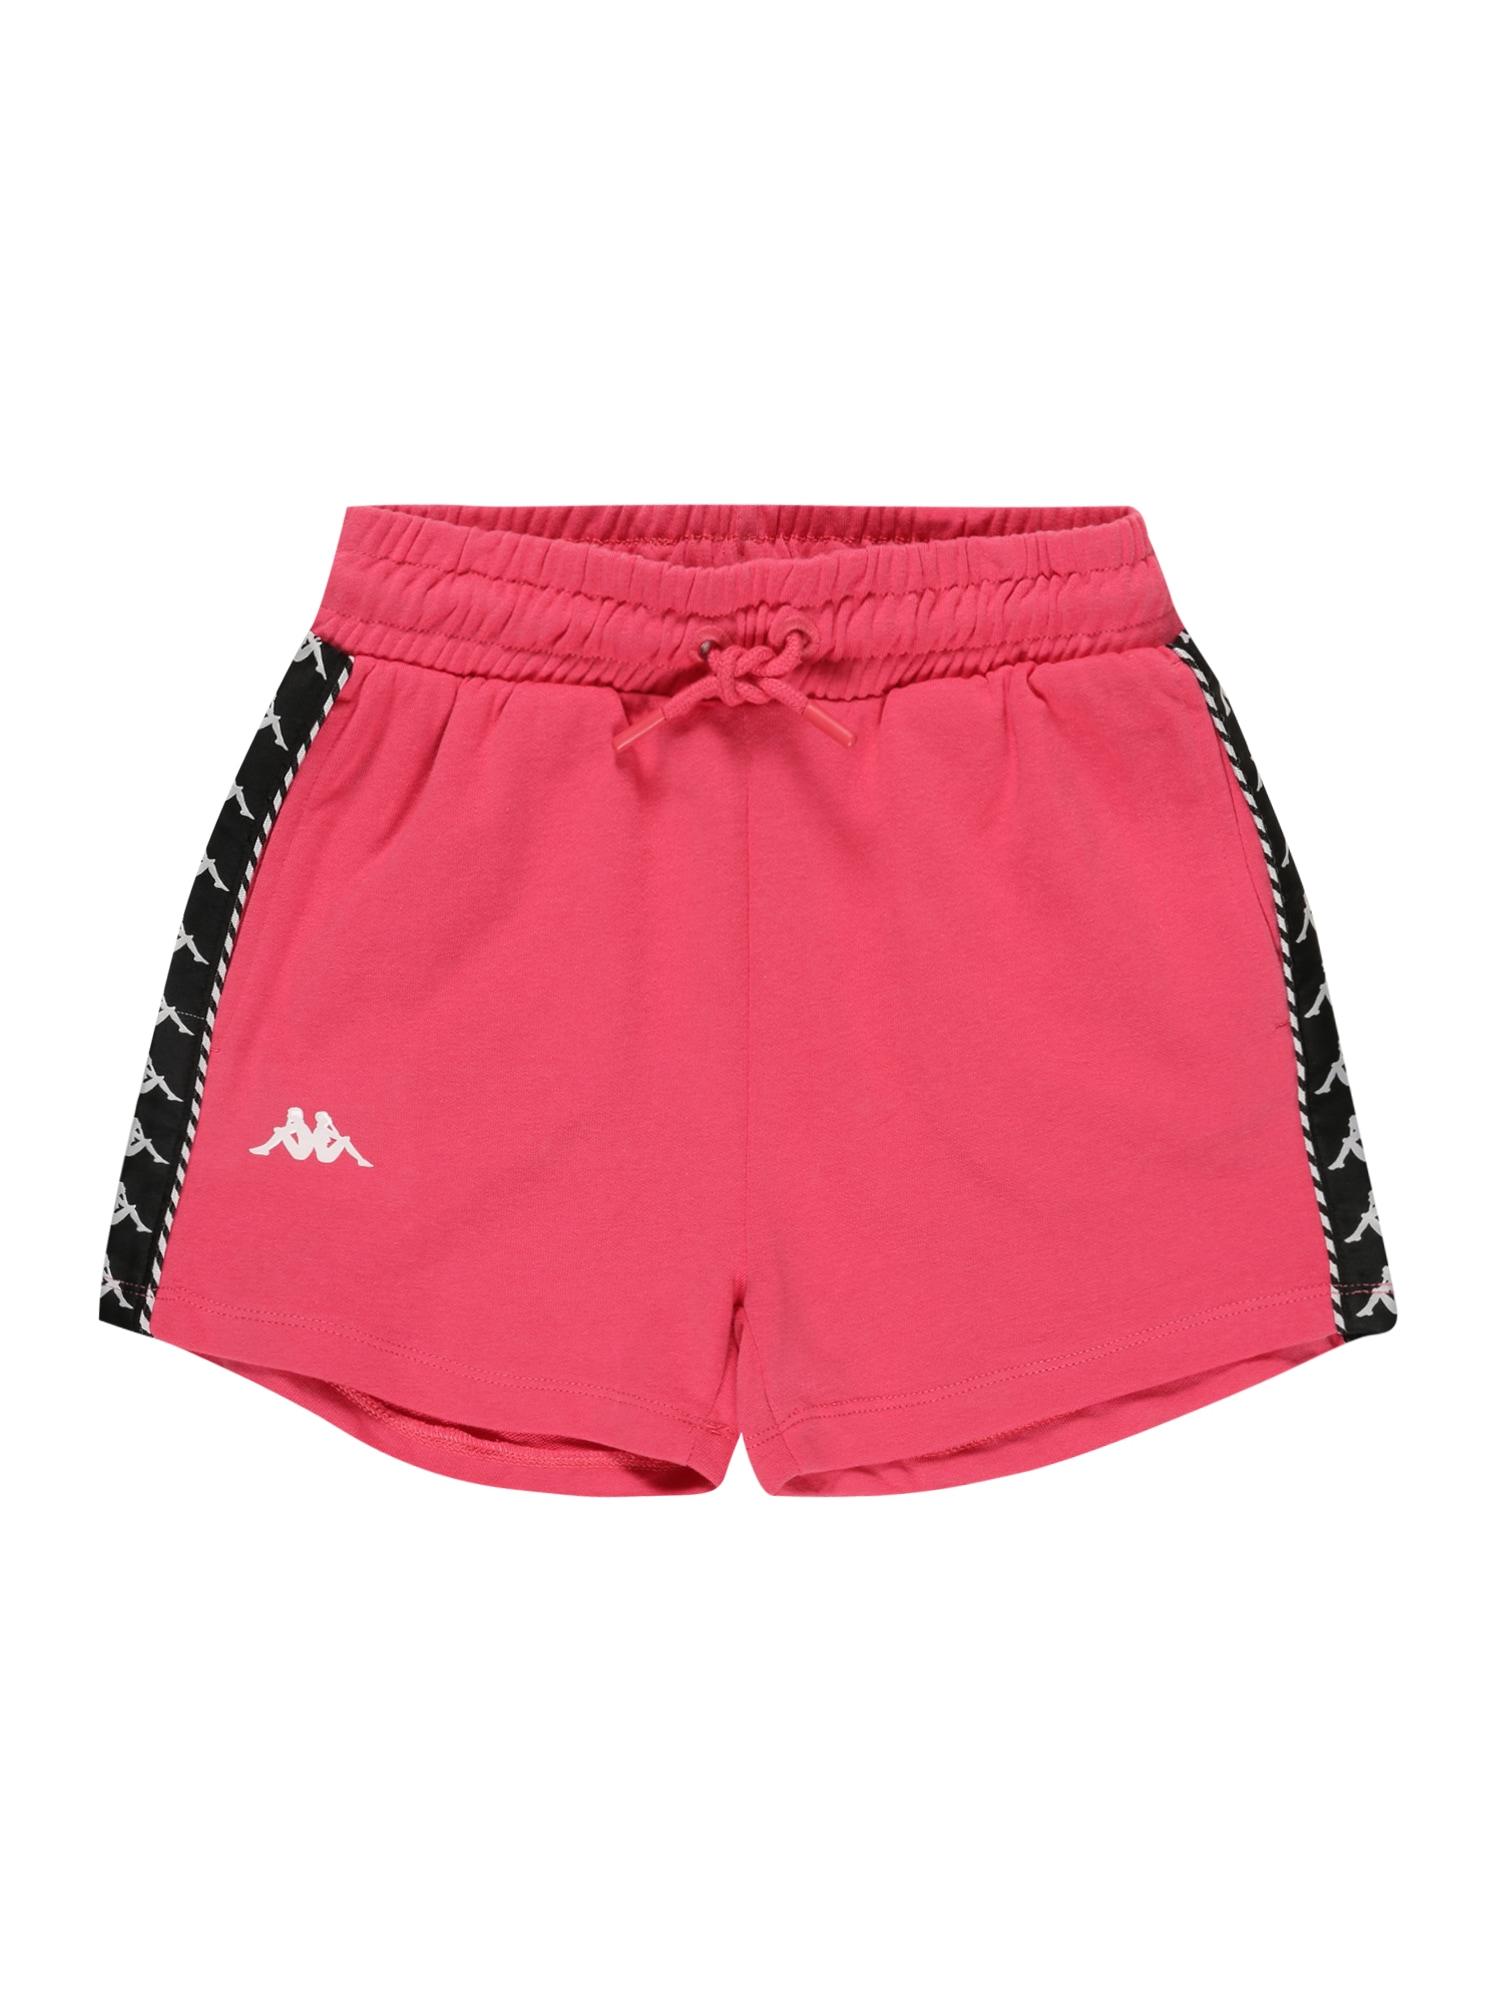 KAPPA Sportinės kelnės rožinė / juoda / balta